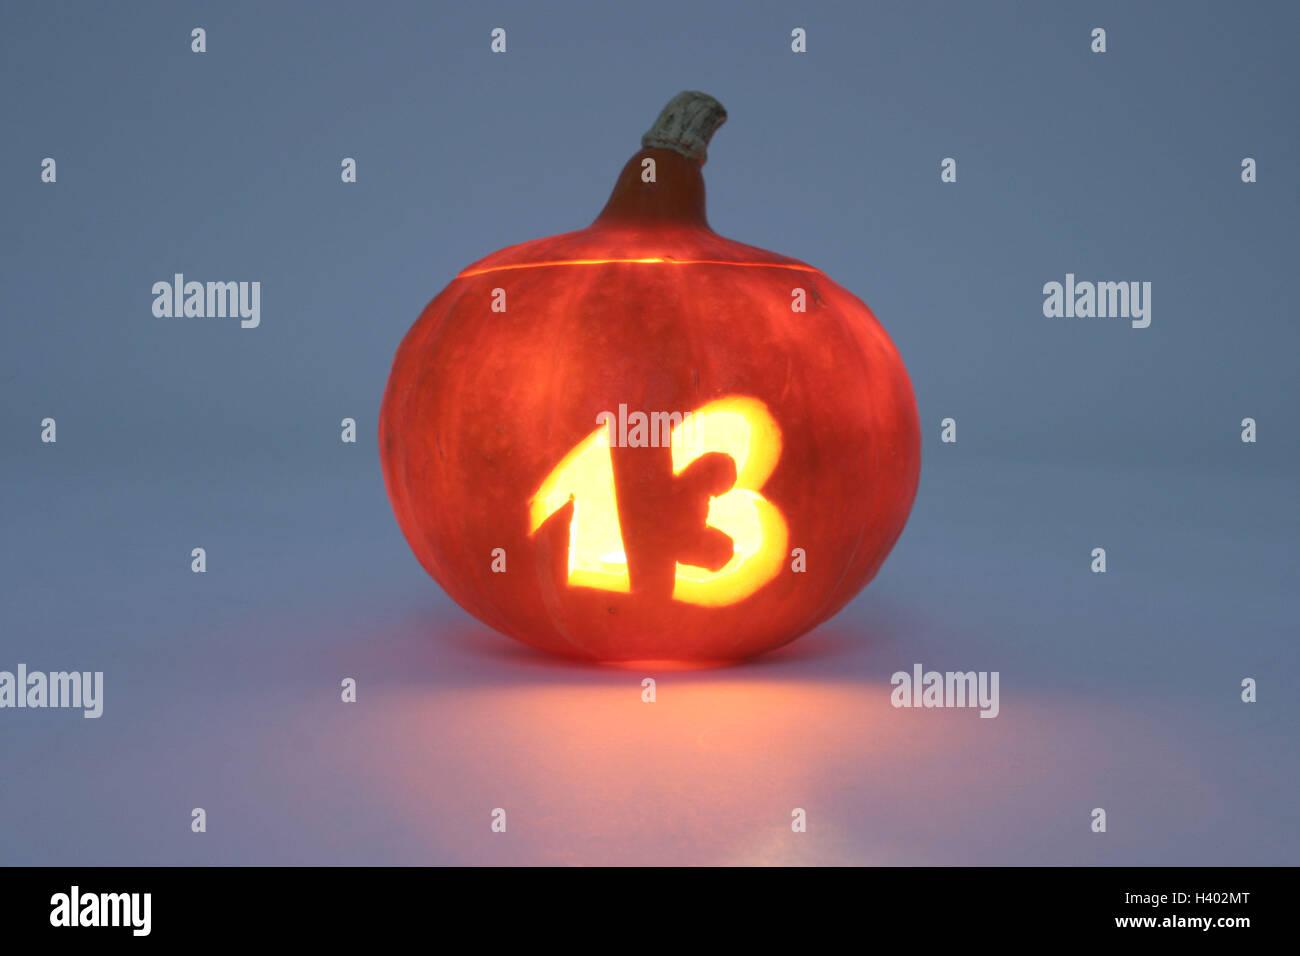 Aberglaube Unglück kürbis schnitzen nummer 13 leuchtende zahl dreizehn glück zahl